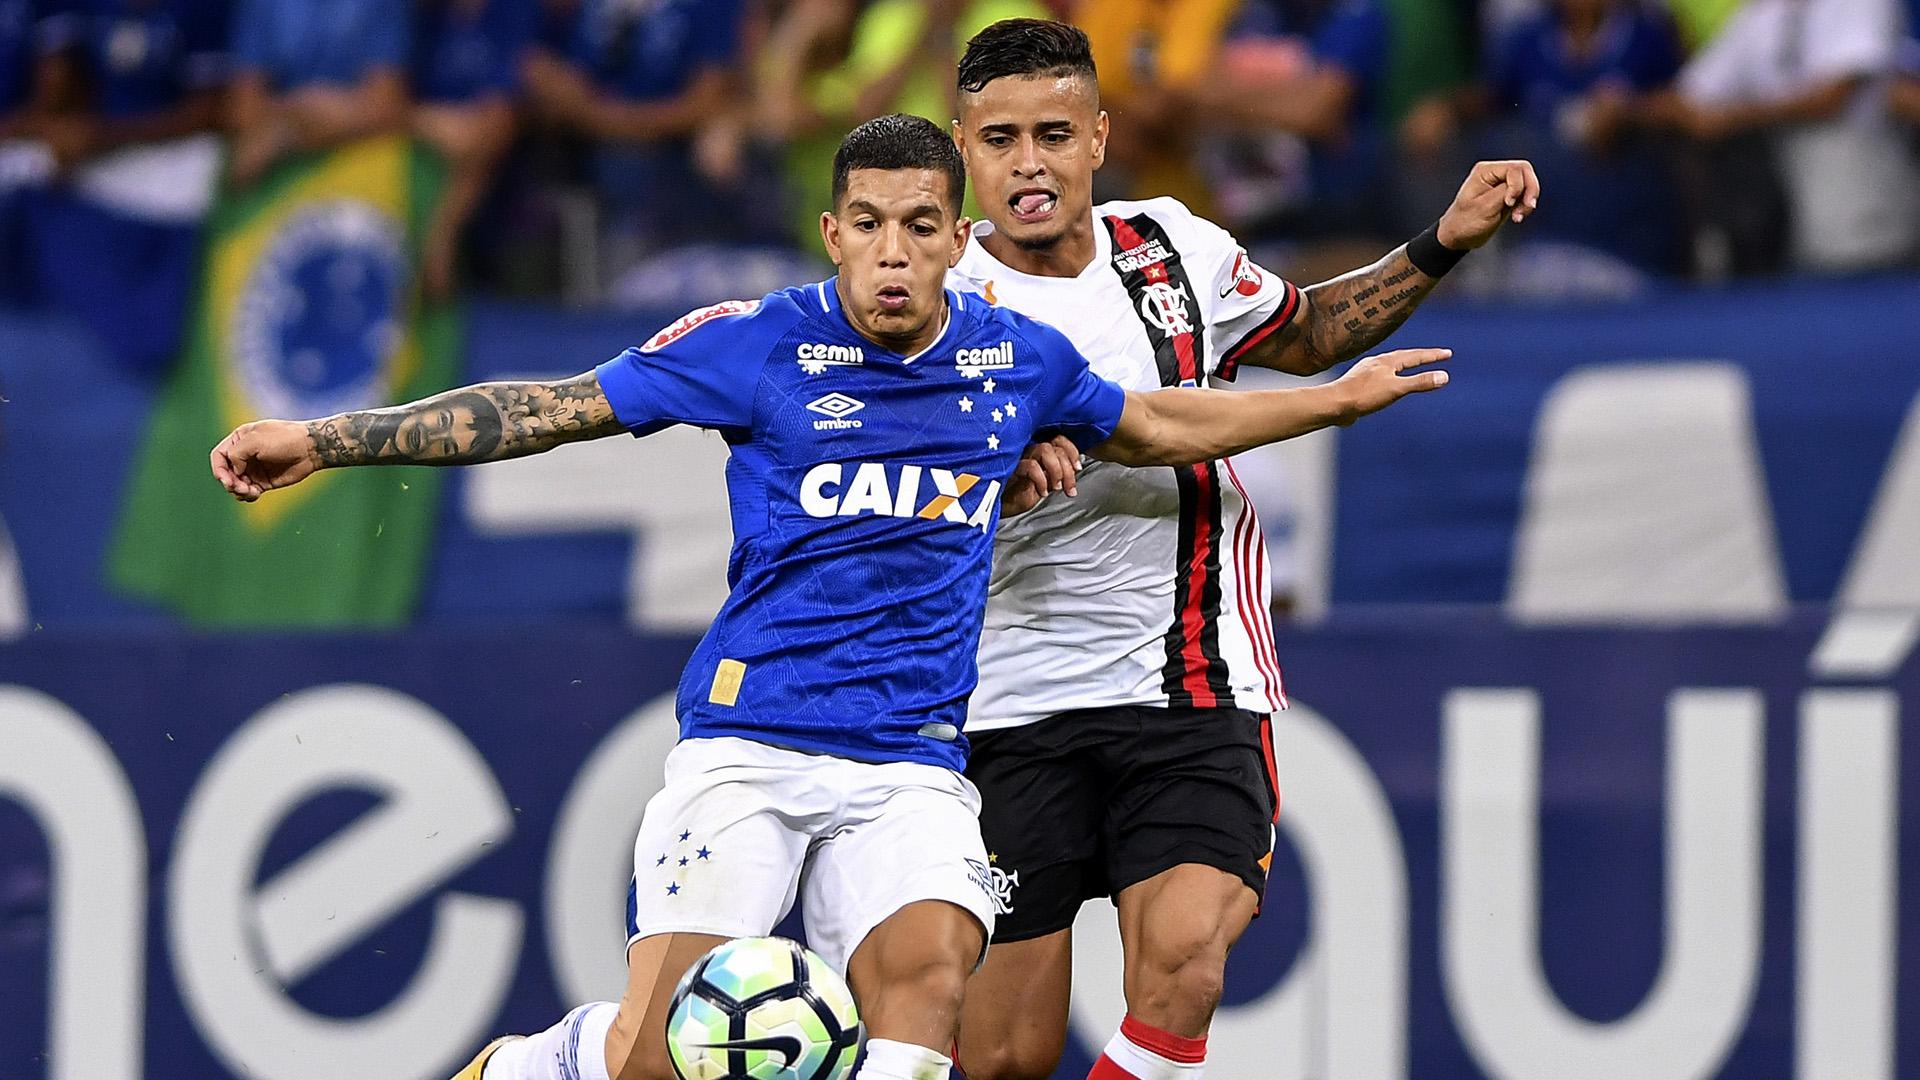 Lucas Romero Everton Cruzeiro Flamengo Brasileirao Serie A 16072017